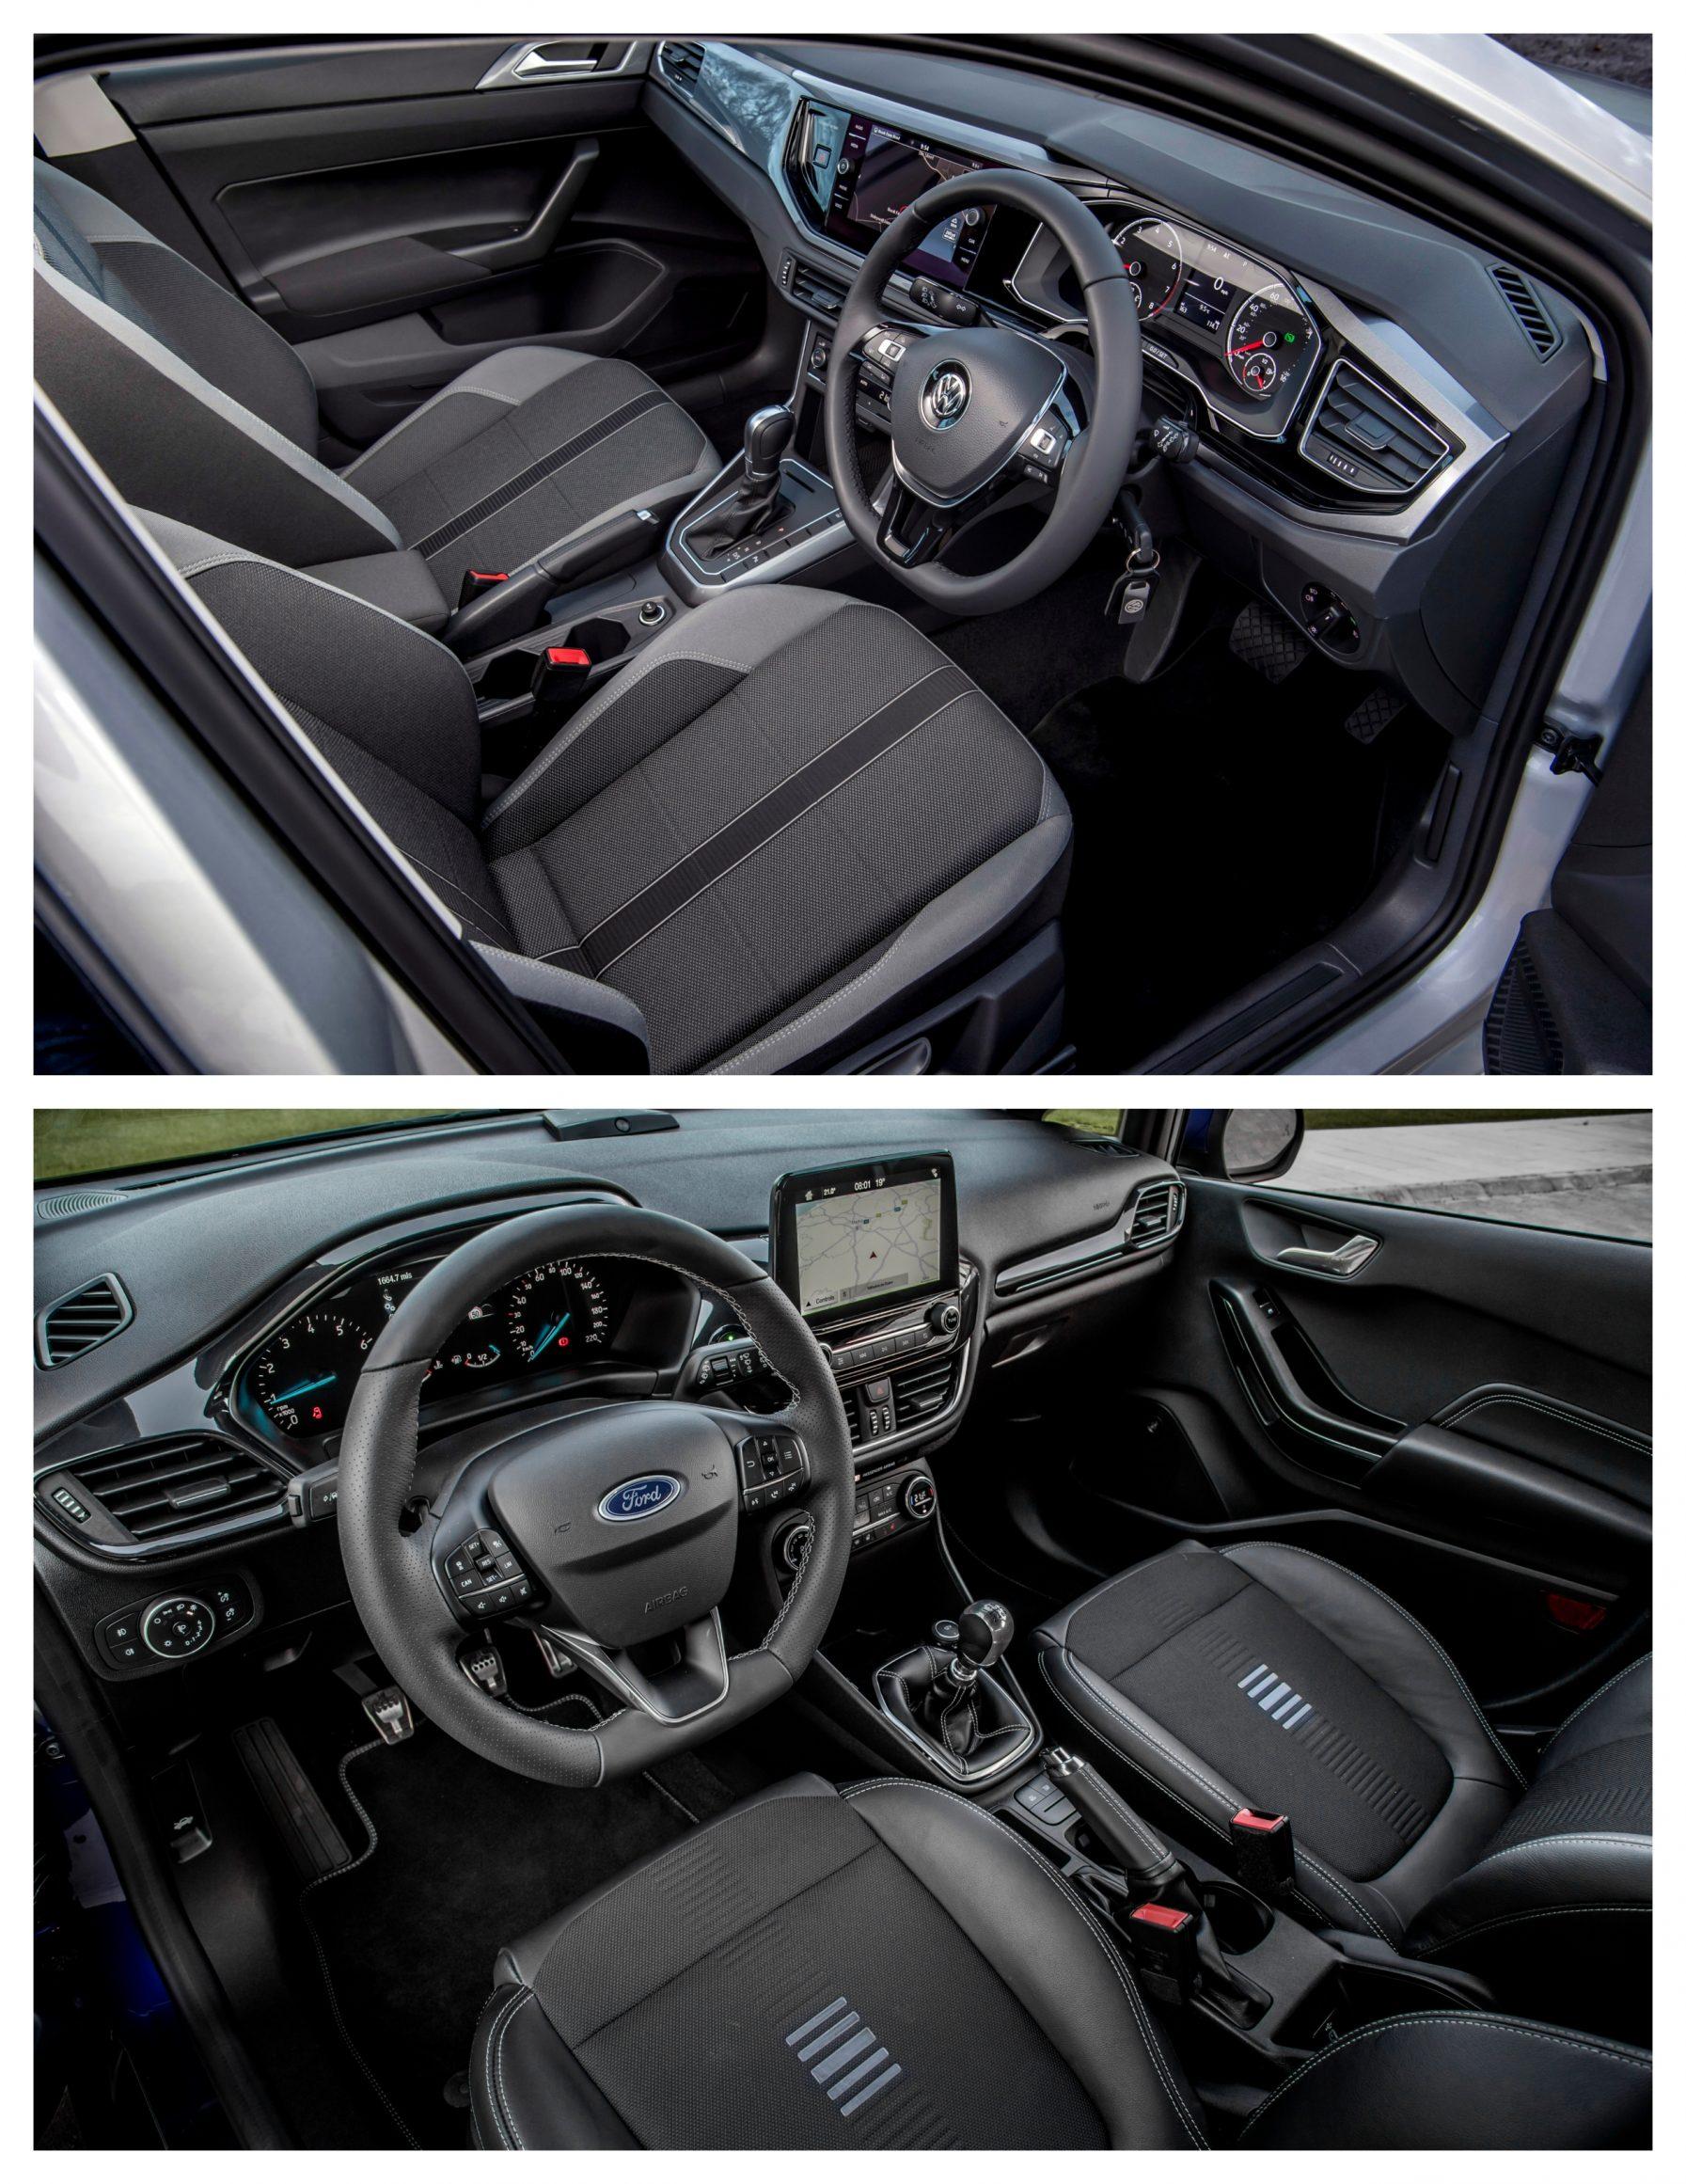 Polo Vs Fiesta - interior design and space